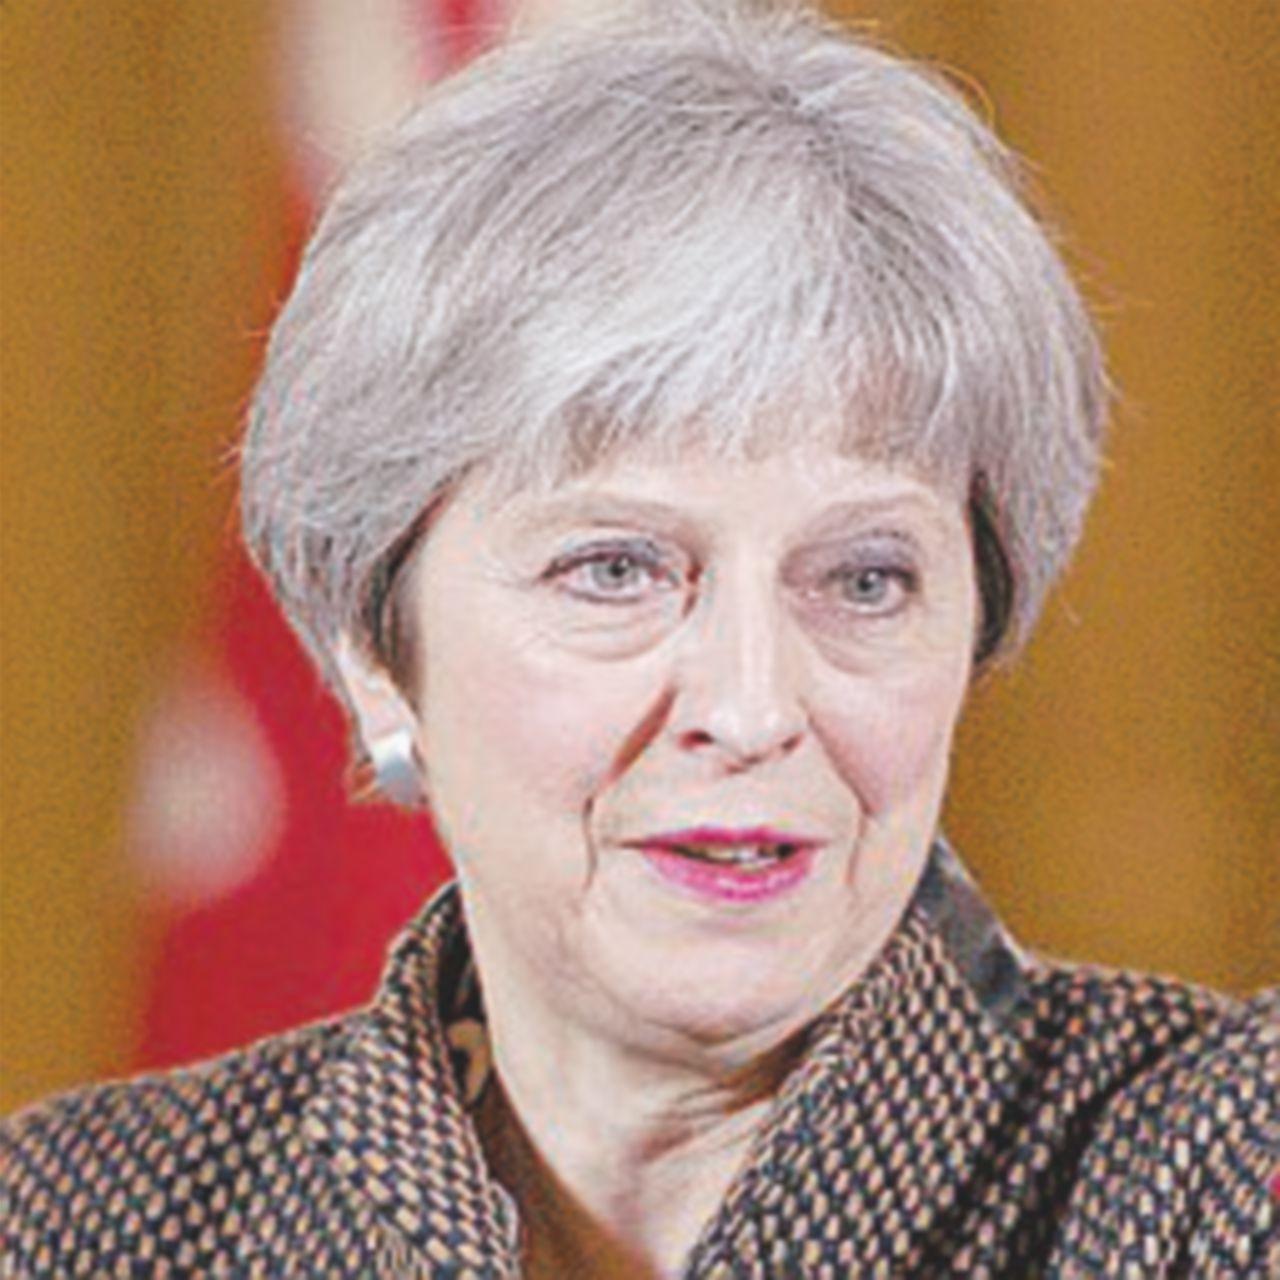 Uscita dall'Ue senza accordo. May gioca a fare la dura